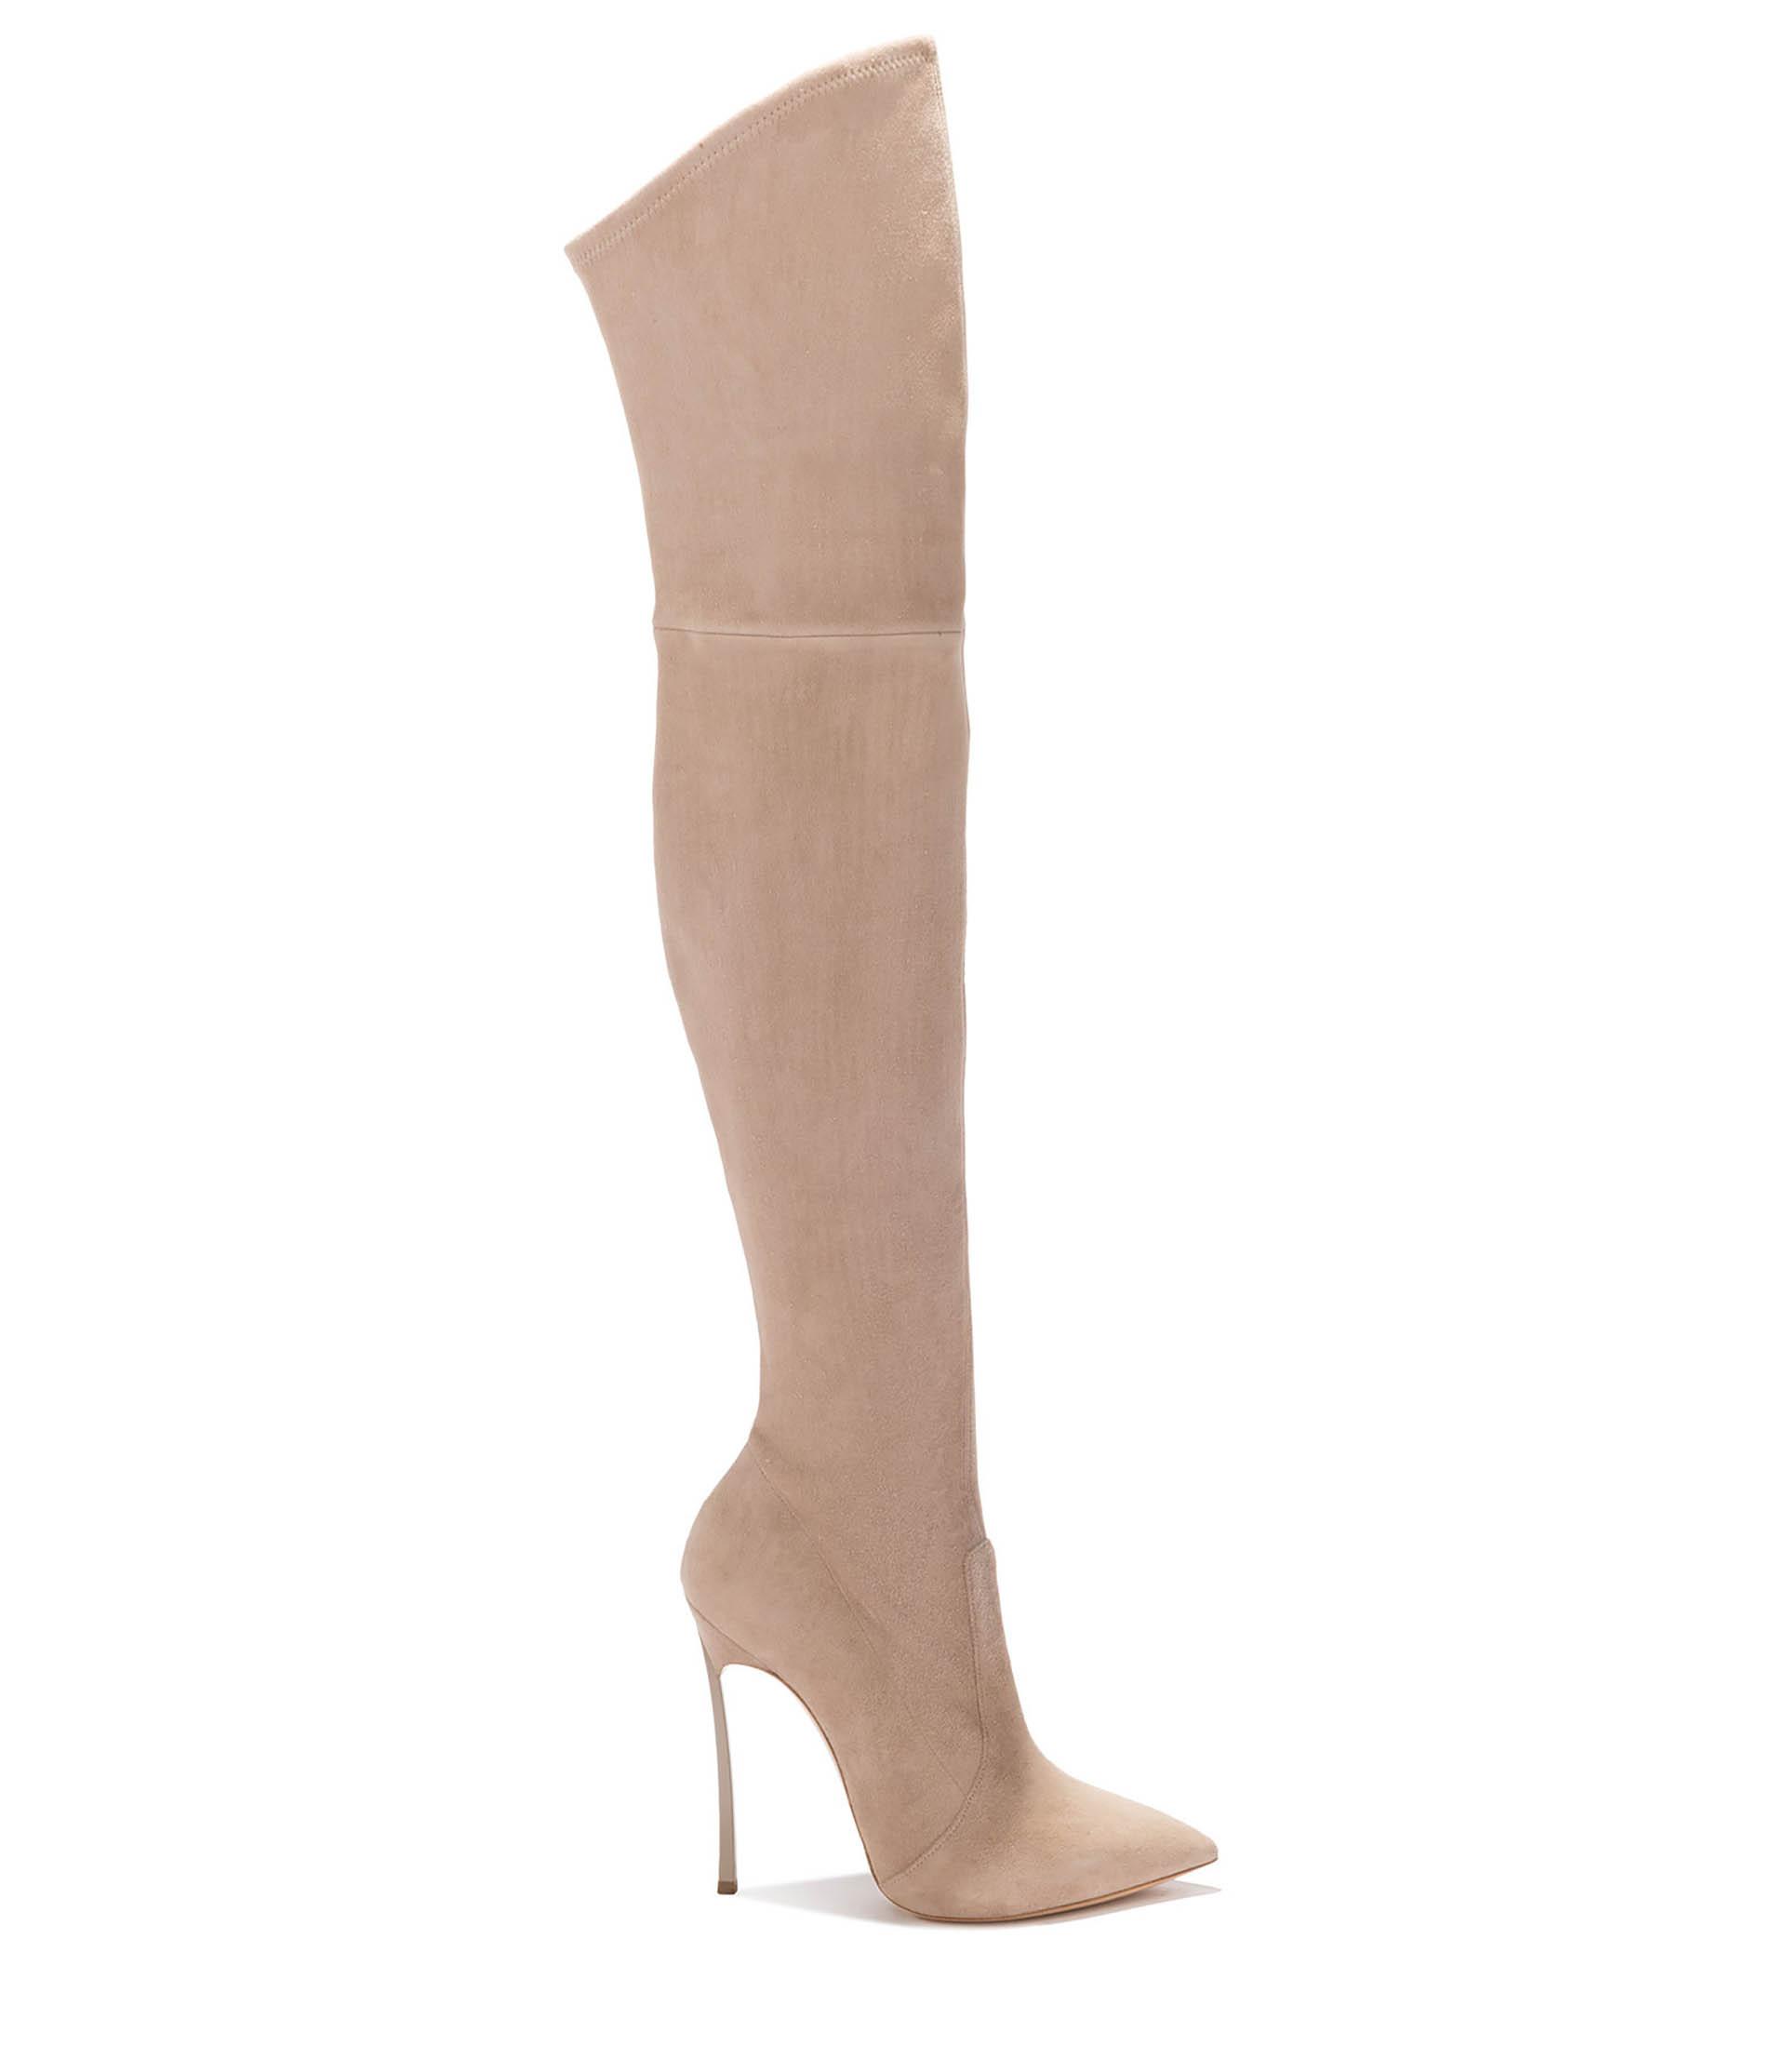 """De gamuza en beige 7/8, un modelo furor de Casadei llamada """"Blade Capuccino"""" con taco aguja y en punta, también se puede conseguir en negro y fucsia. Este modelo estiliza y afina las piernas de la mujer"""